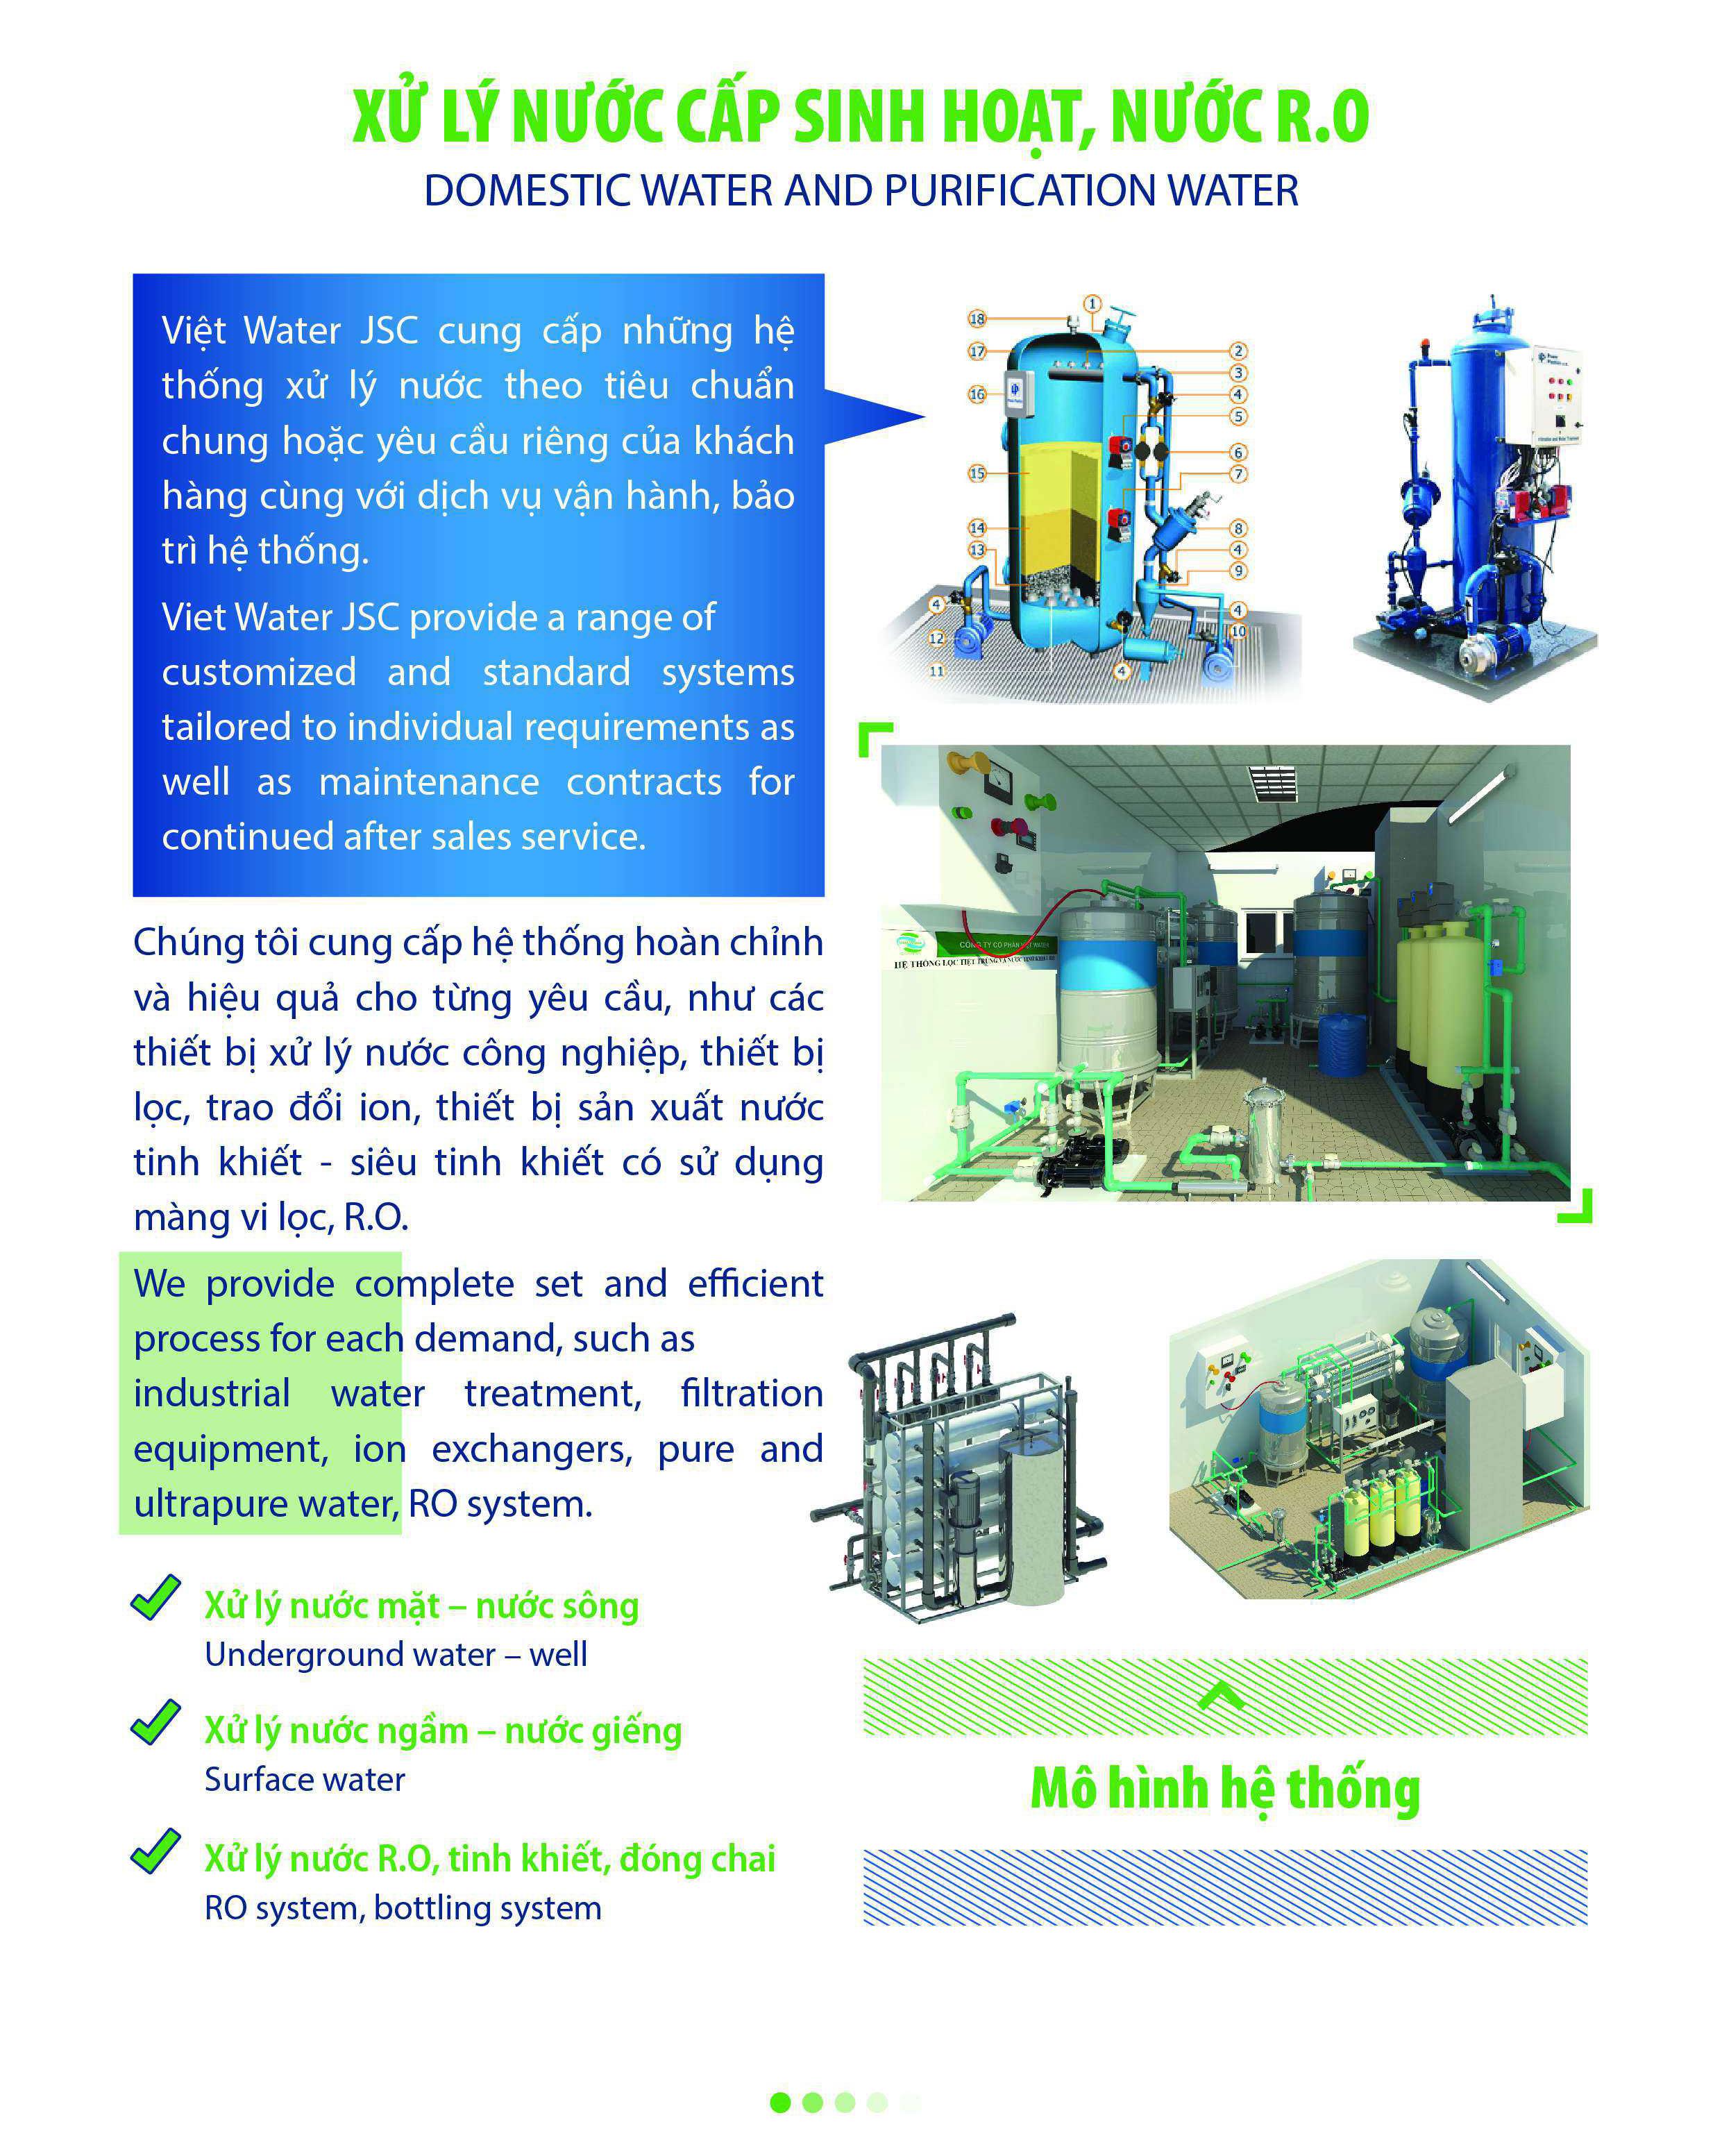 Công ty xử lý nước tinh khiết R.O